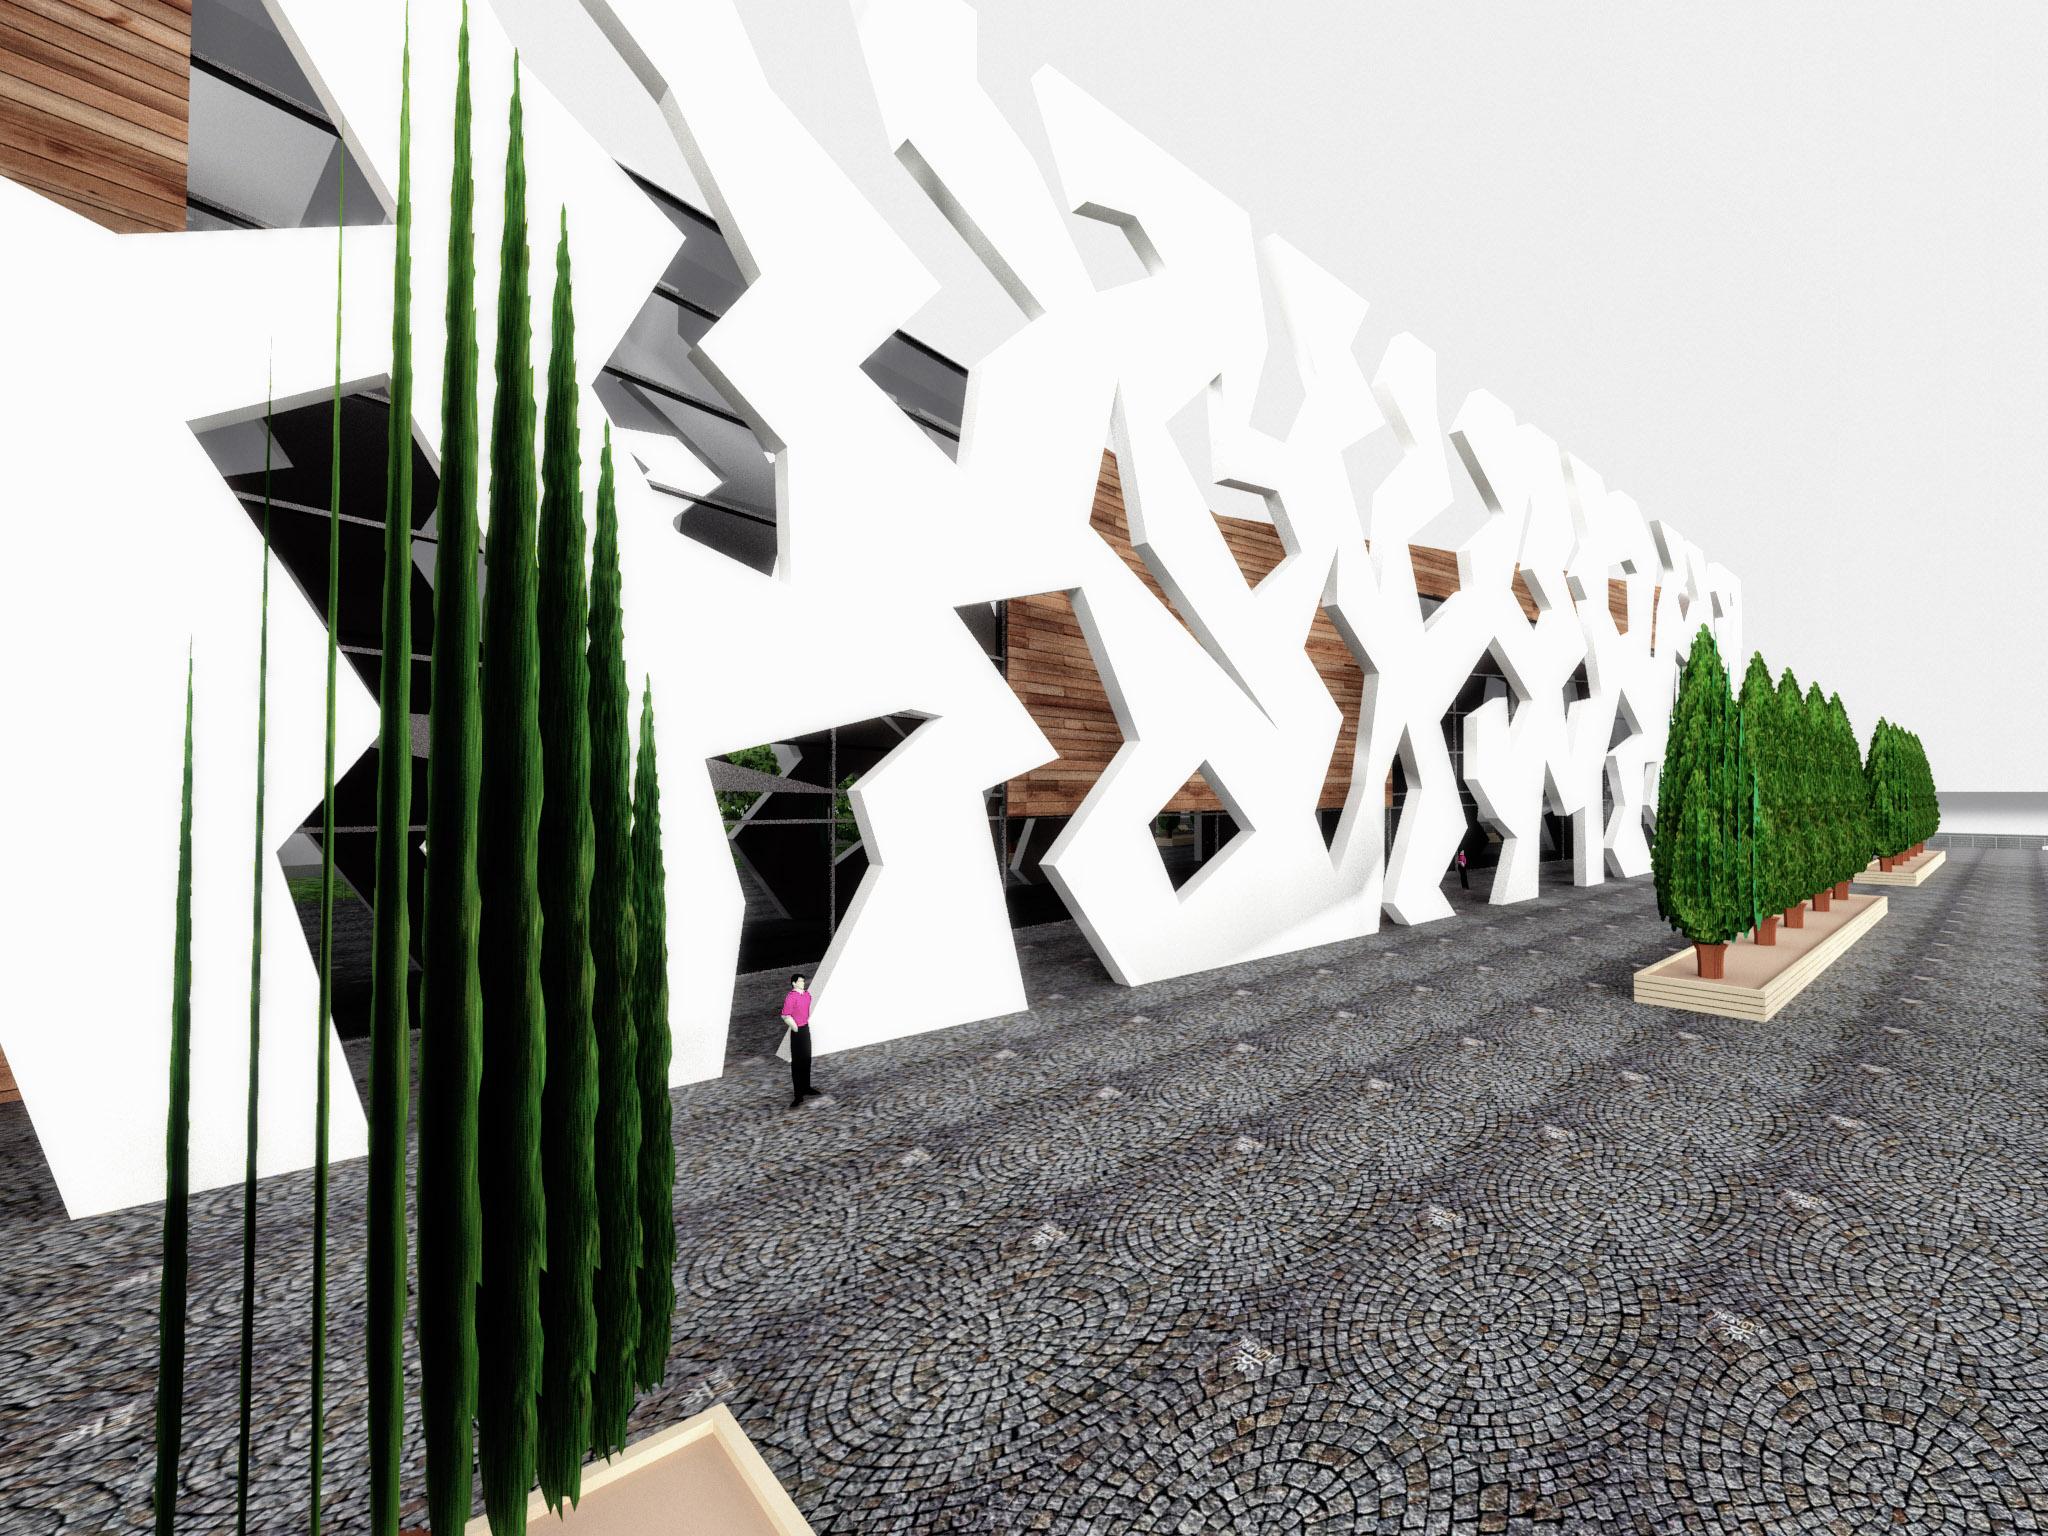 Разработка архитектурной концепции театра оперы и балета фото f_10652f4c9e28cee5.jpg